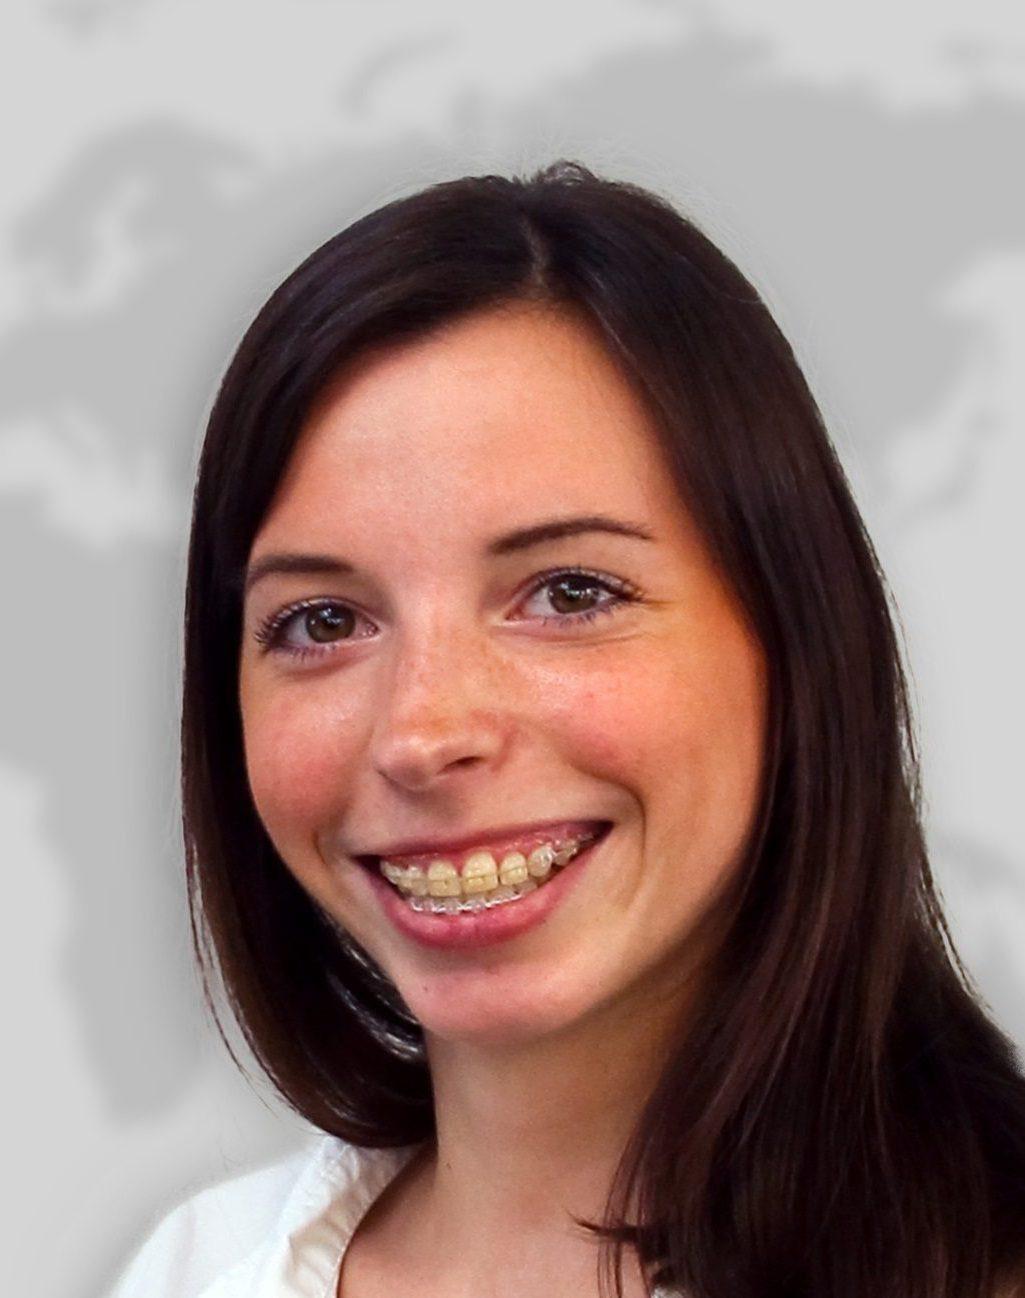 Isabell Sauer